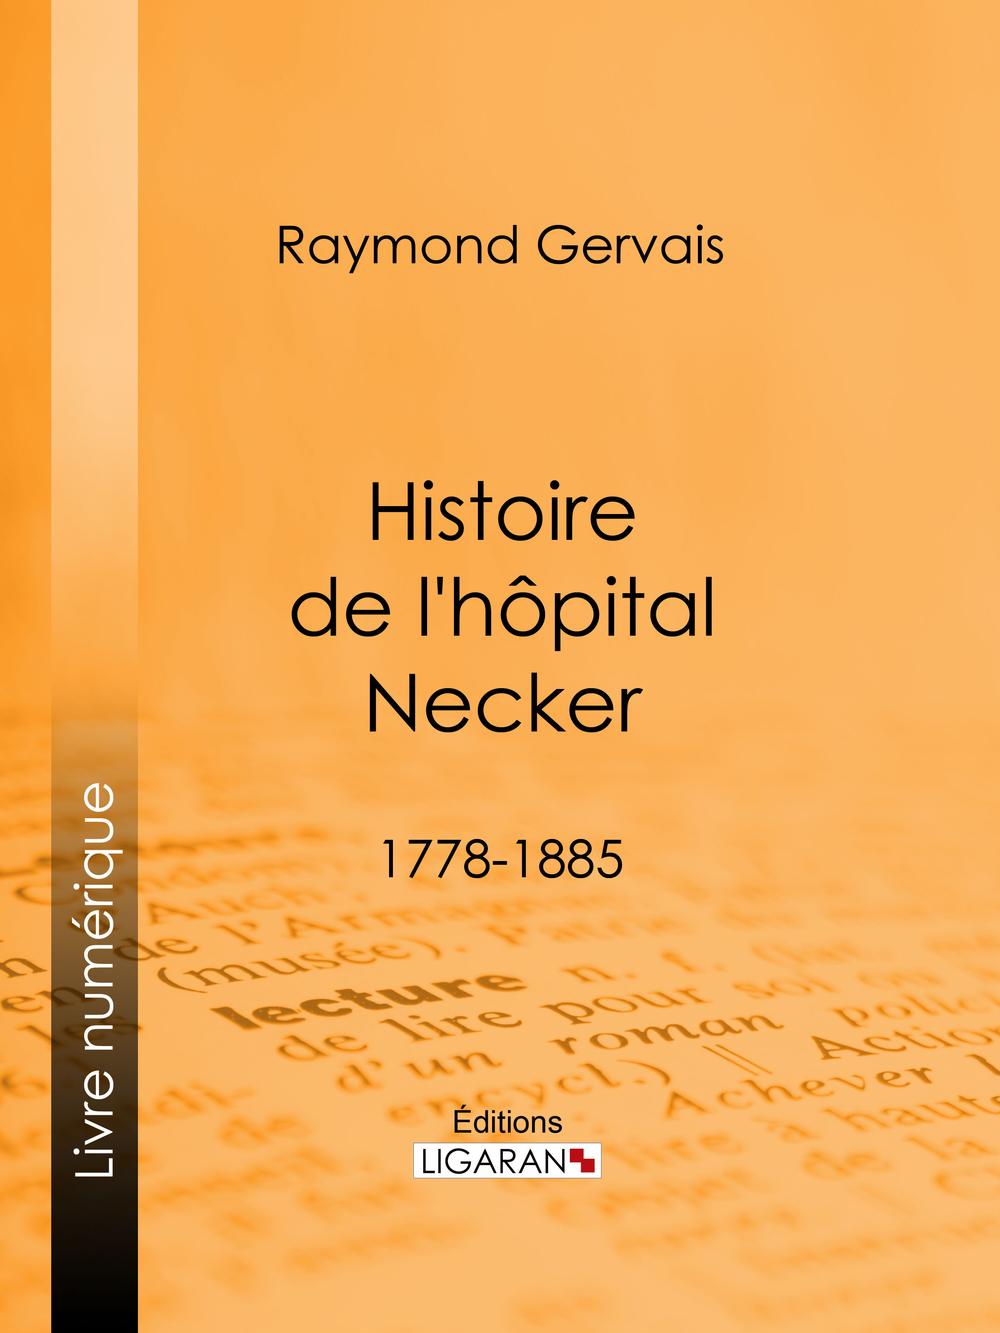 Histoire de l'hôpital Necker